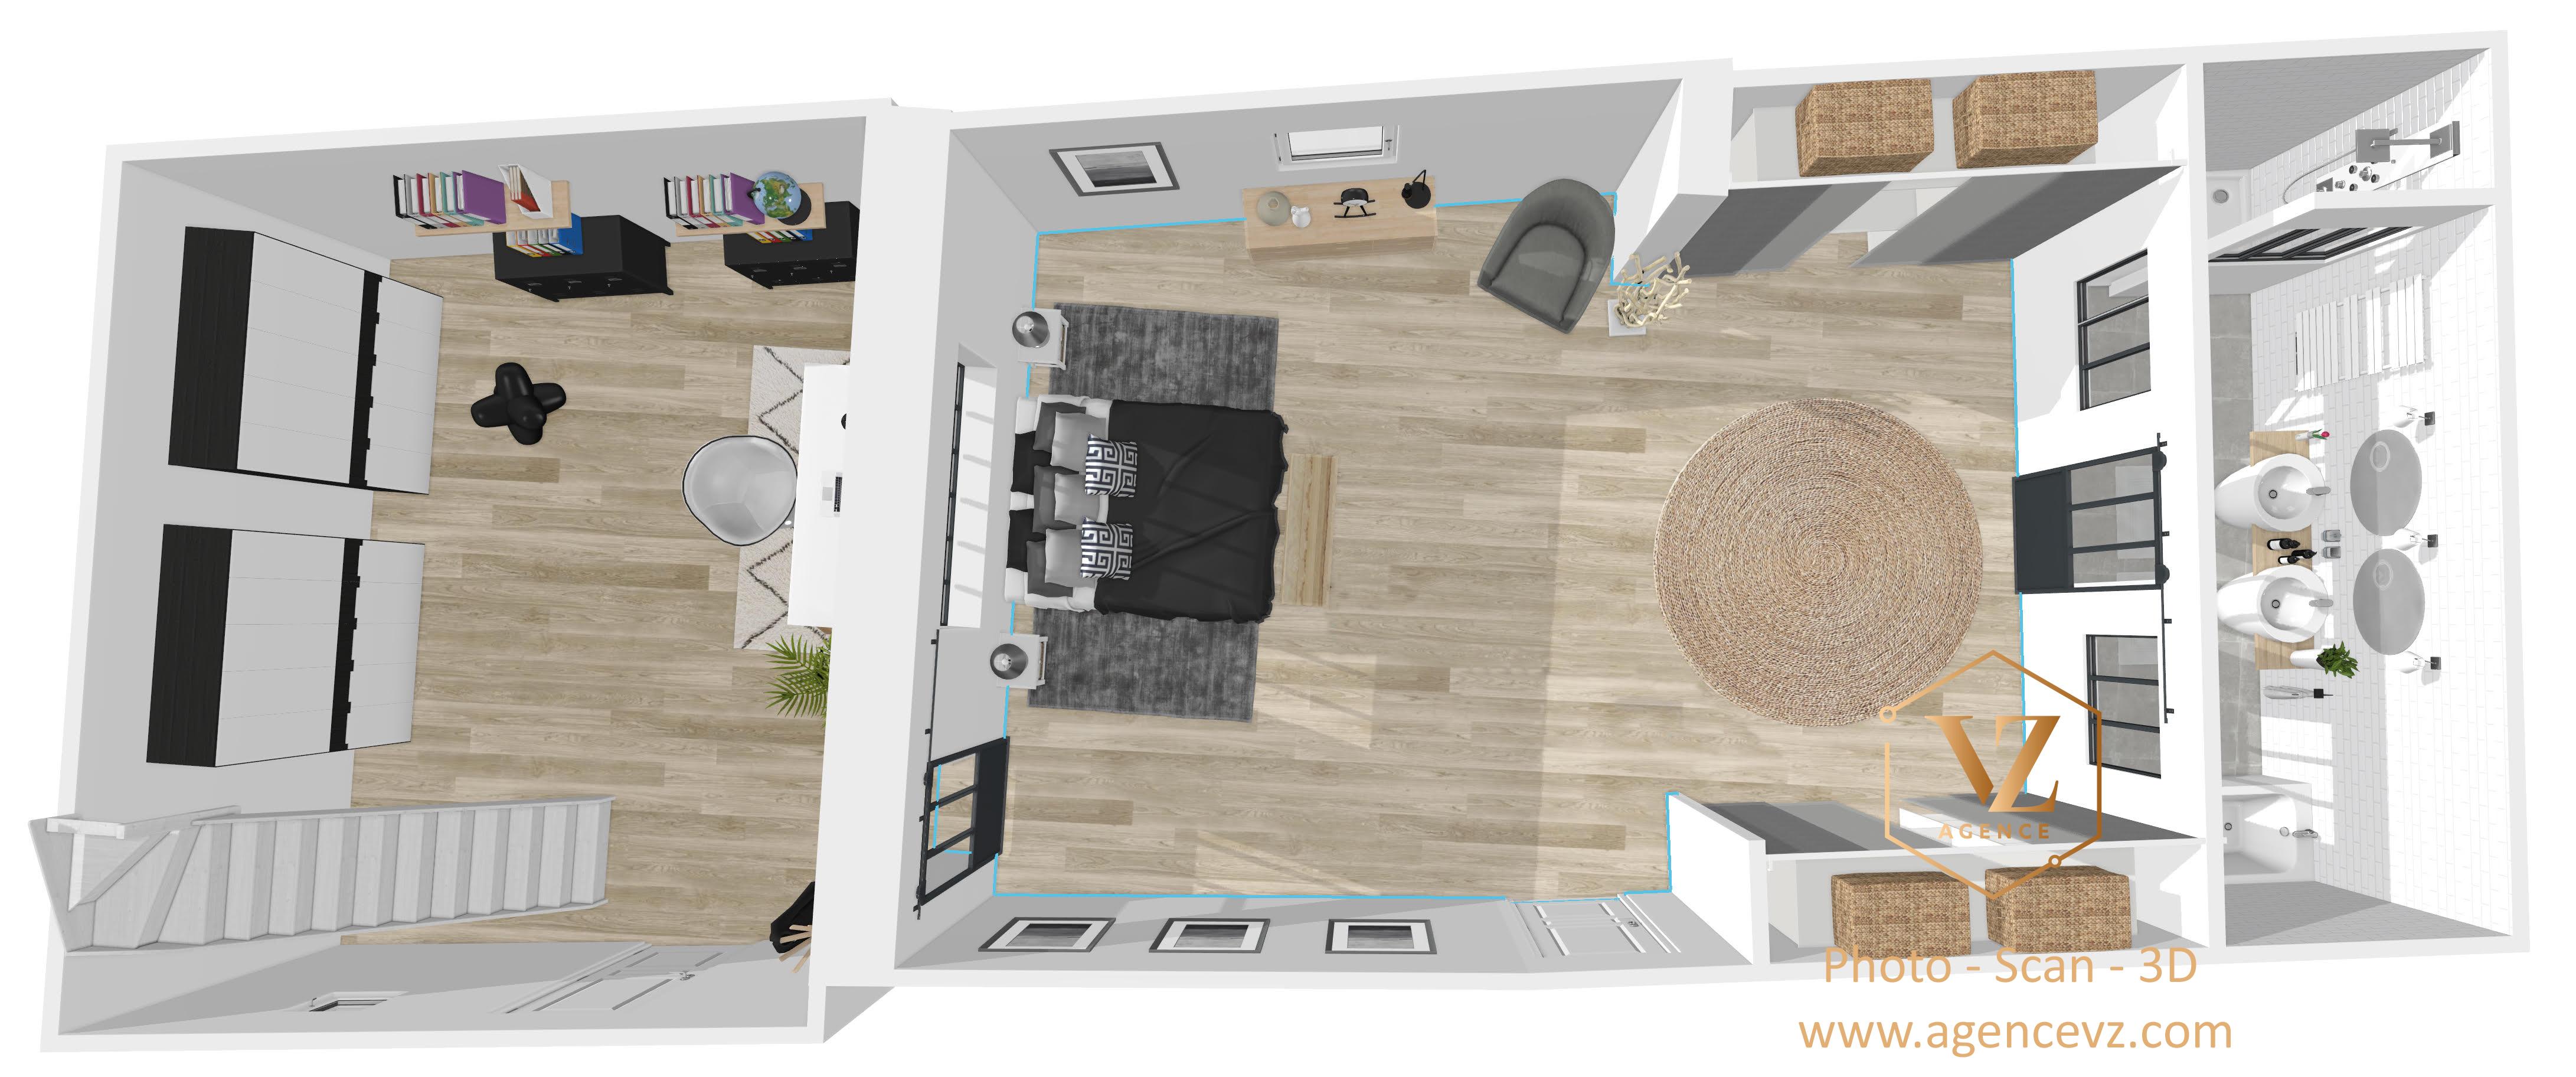 Vue 3D promoteur immobilier